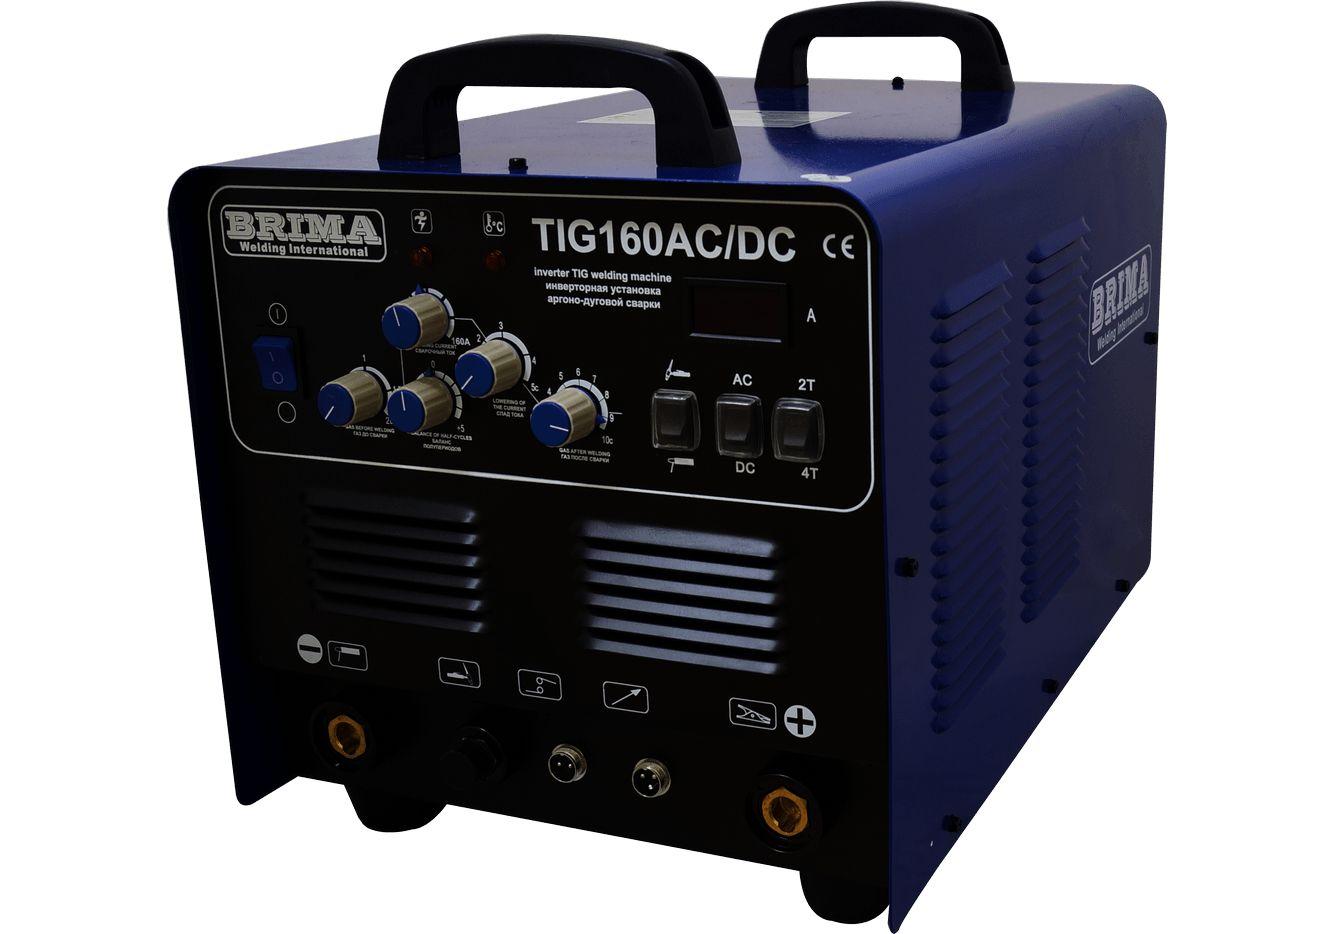 Tig сварка: описание, особенности, оборудование, расходники